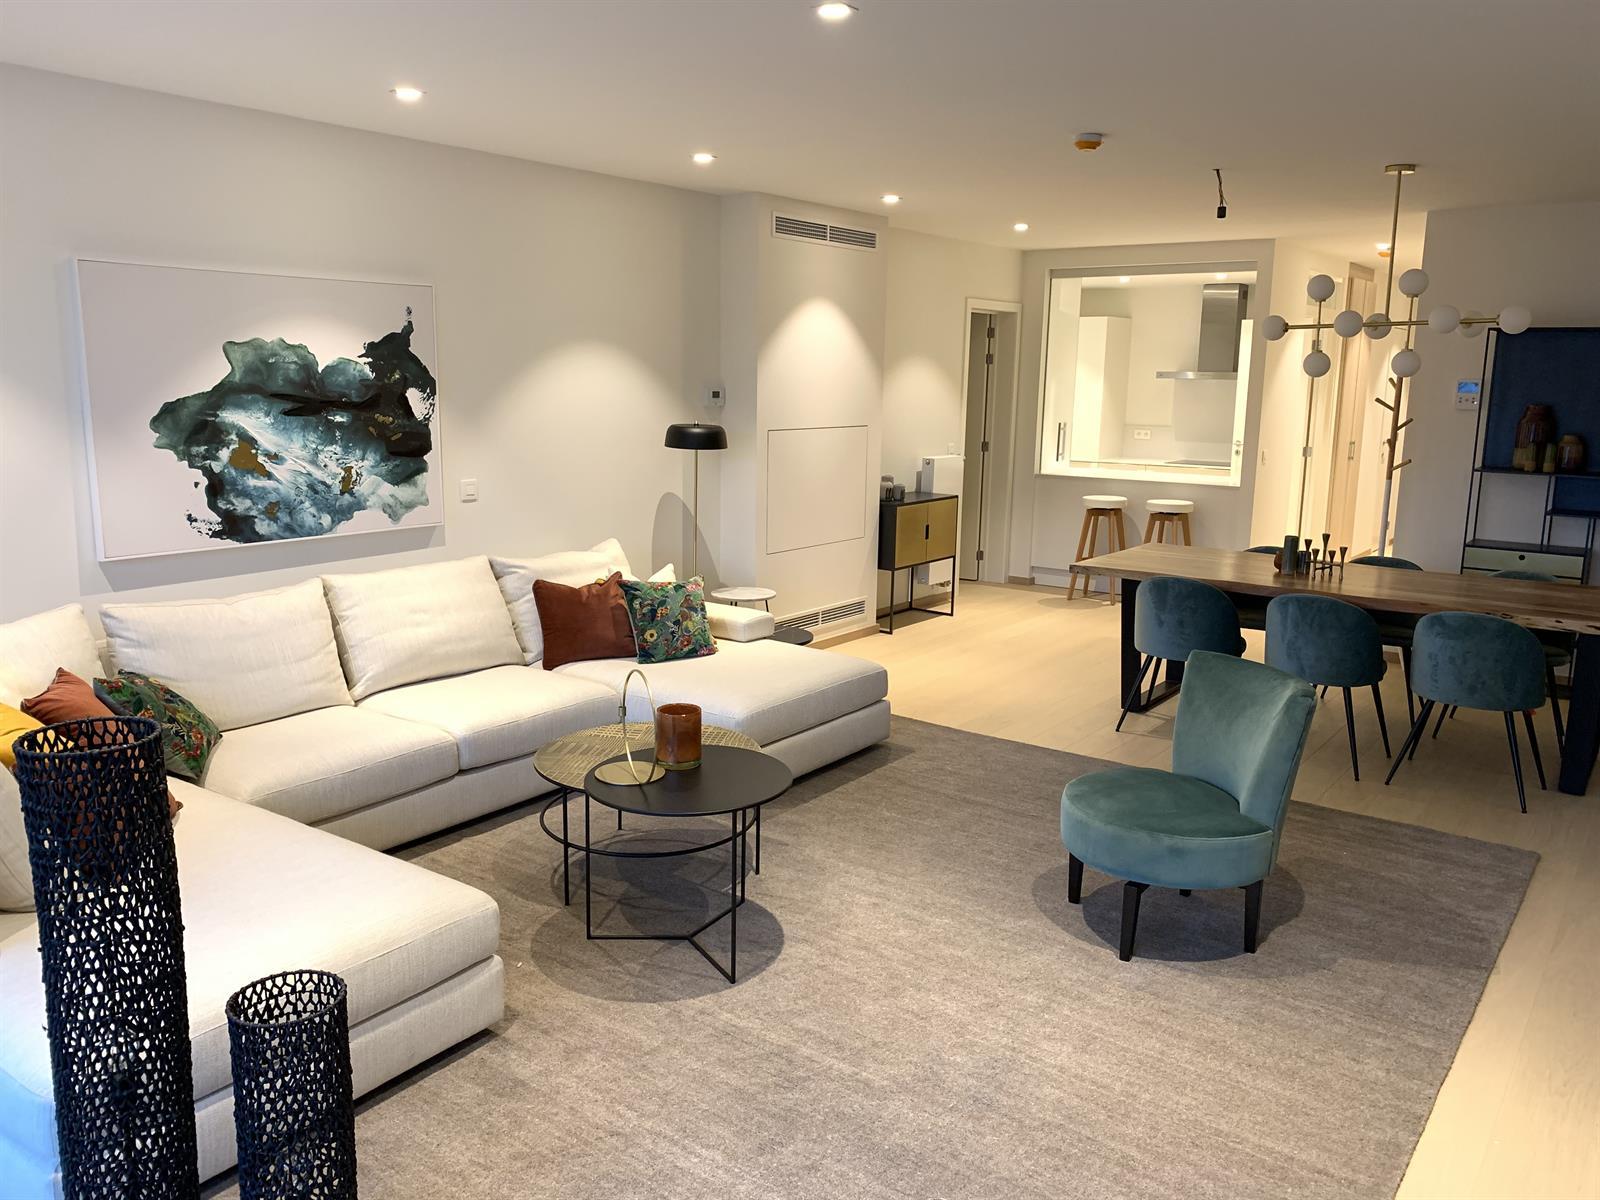 Appartement exceptionnel - Ixelles - #3929607-0